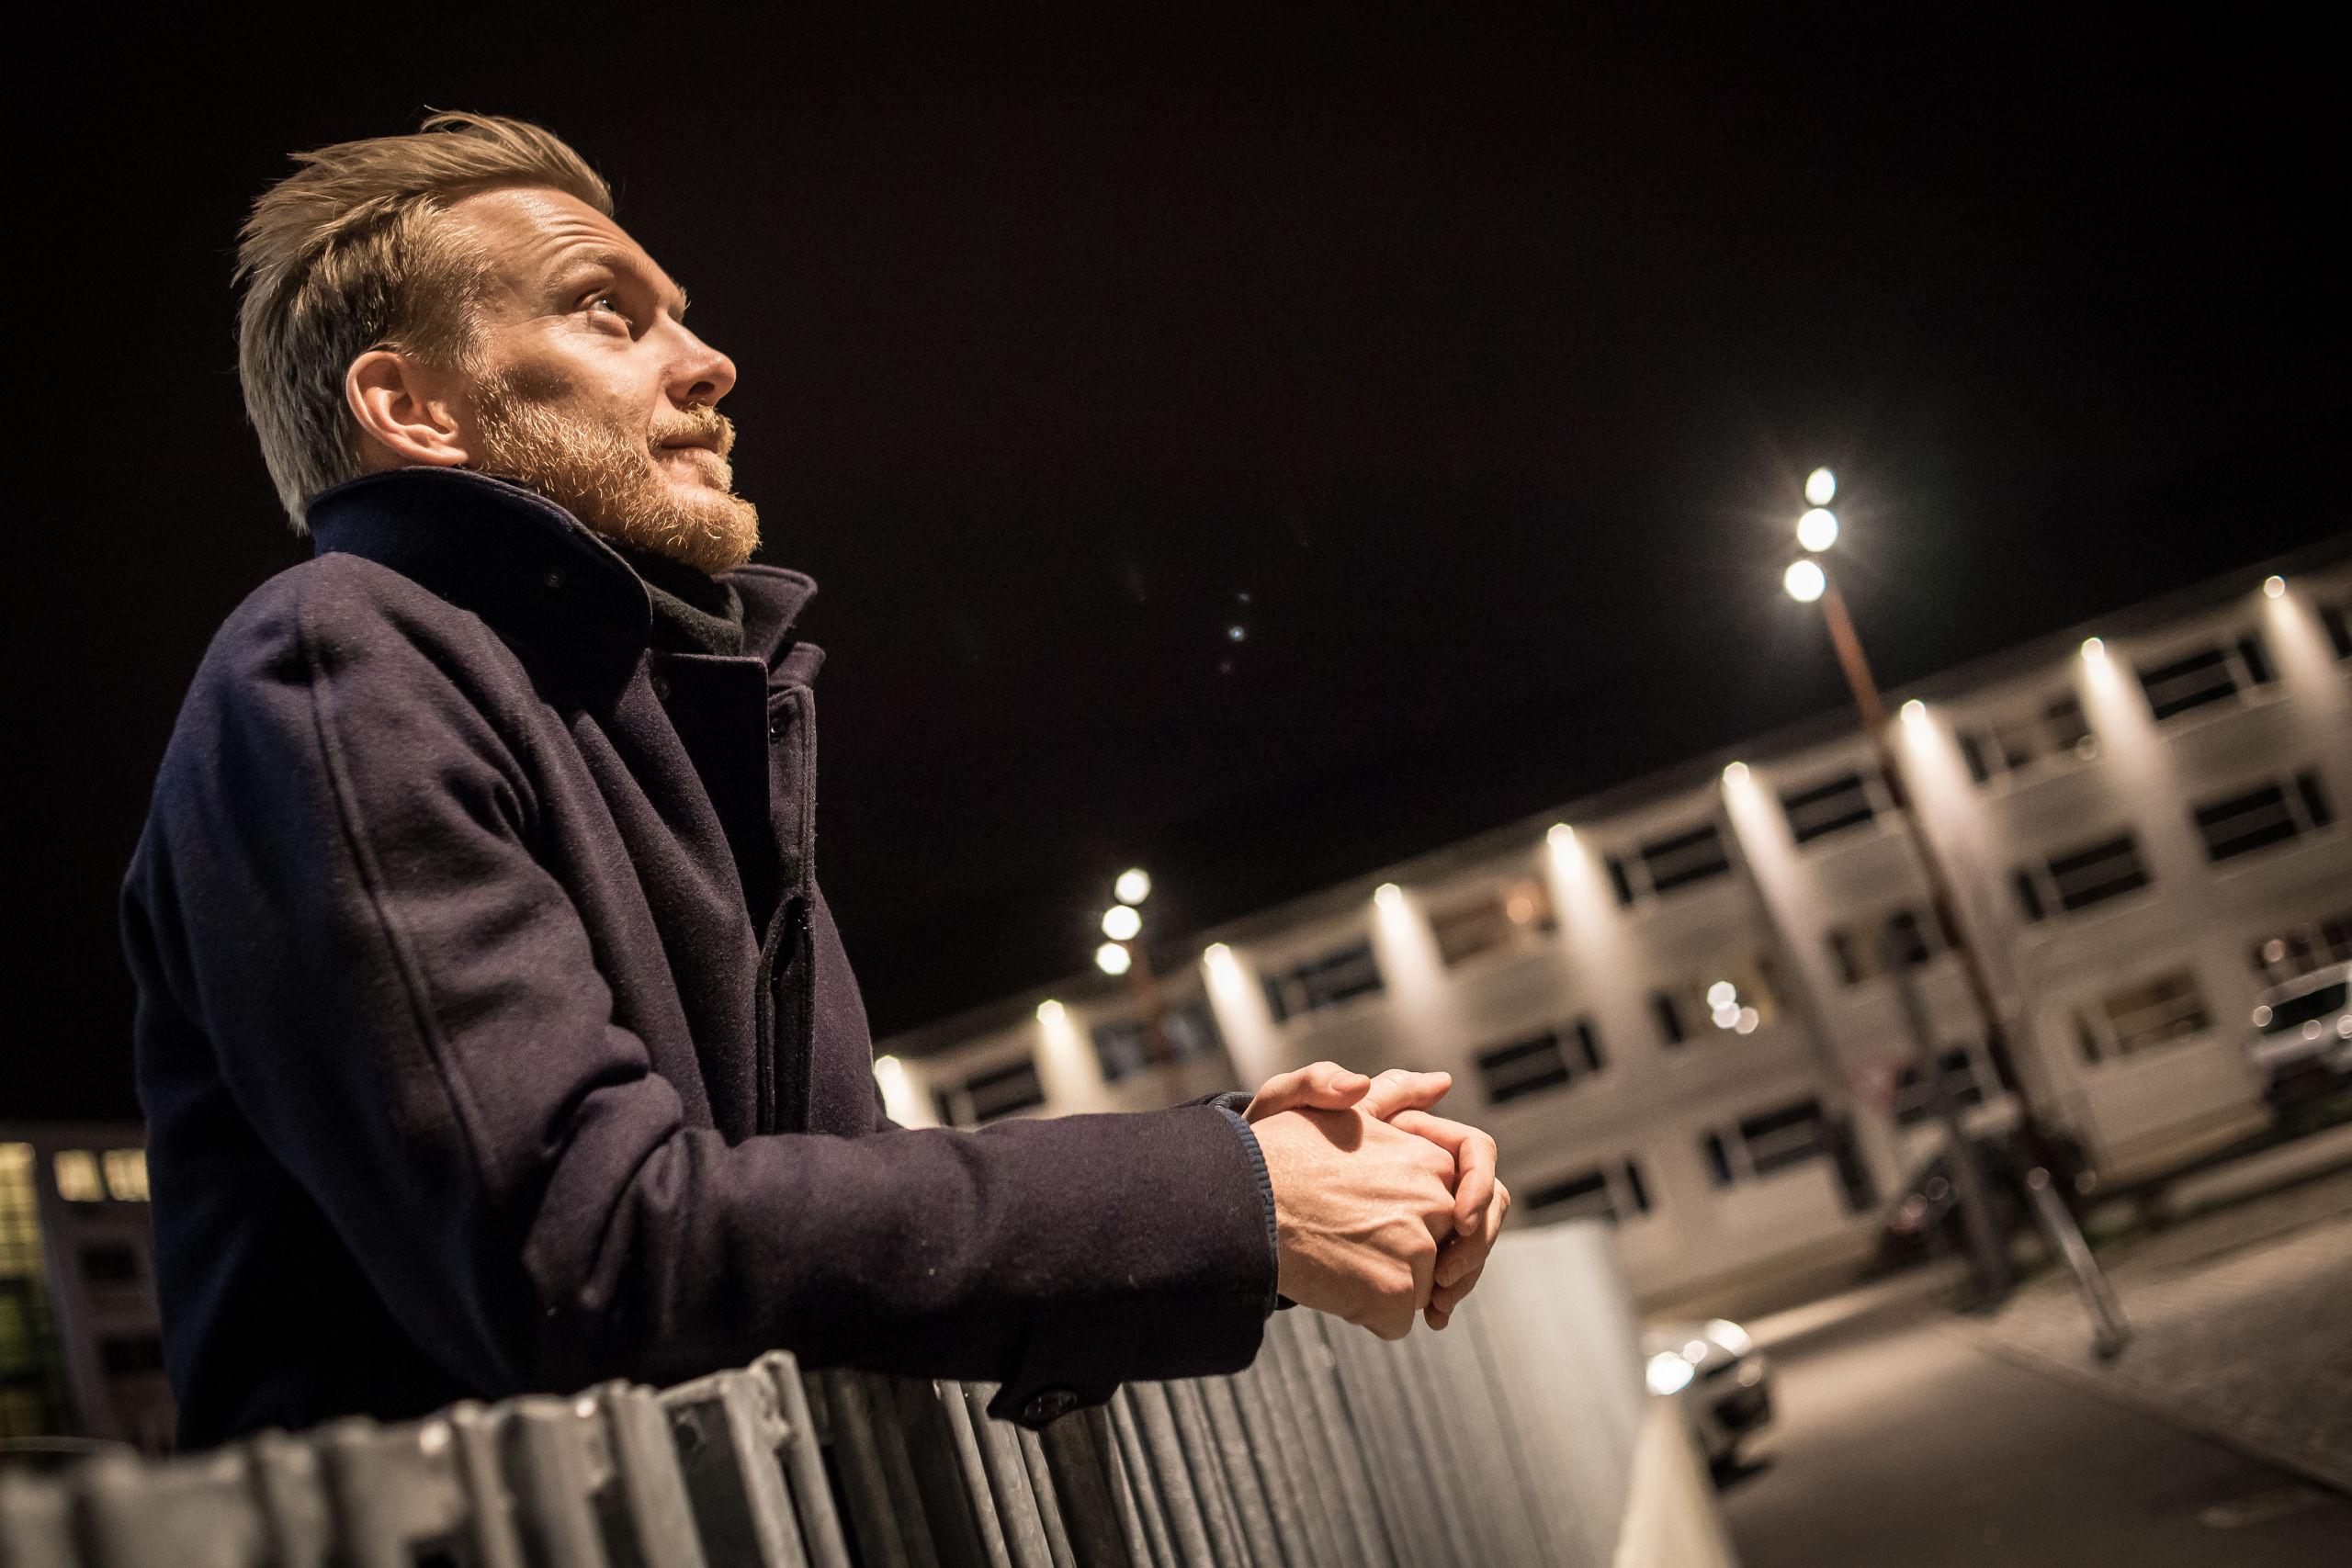 Det er især den nordjyske mentalitet, som Huxi Bach kan savne. Foto: Martin Damgård